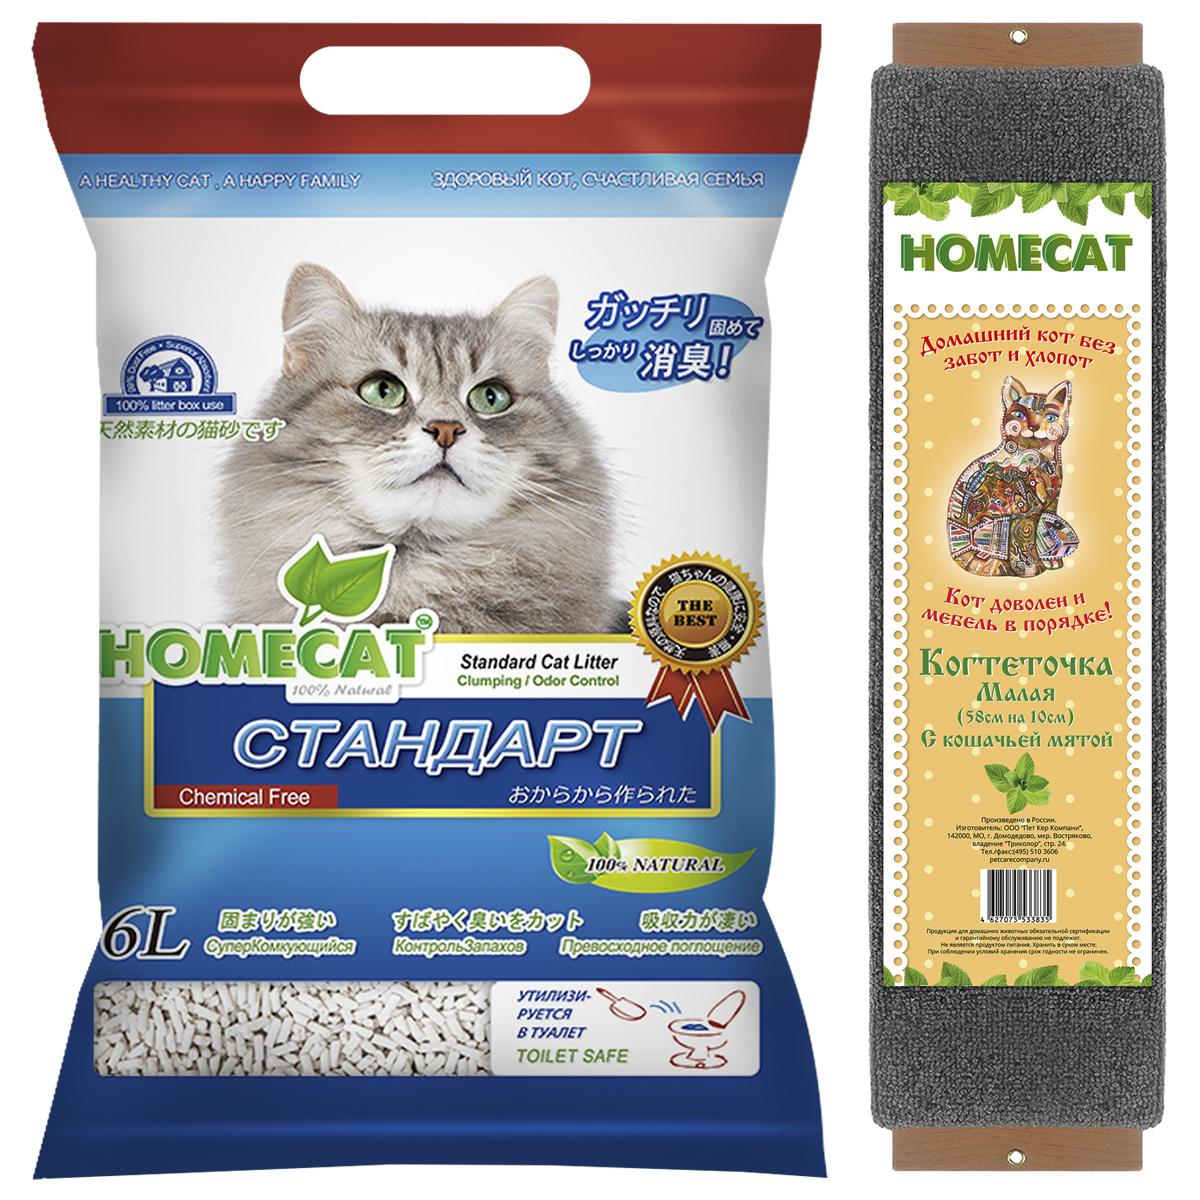 Наполнитель комкующийся HomeCat Эколайн. Стандарт, 6 л + когтеточка HomeCat65418Наполнитель HomeCat - экологически чистый, безопасный и на 100% биоразлагаемый, изготовленный из растительного сырья комкующийся наполнитель для кошачьих туалетов. С повышенной способностью водопоглощения и блокирования запаха. Безопасен для животного и человека. Поддерживает чистоту кошачьего туалета длительное время, подавляет запах, предотвращает рост бактерий.Обладает повышенным абсорбирующими свойствами, отлично удерживает влагу и запах внутри комка. Легкое удаление комков. Сверхнизкое содержание пыли. Натуральное сырье характеризуется приятной мягкостью и максимальным отсутствием пыли, обеспечивает приятные ощущения для кошачьих лап и органов дыхания. При производстве используется термообработка для уничтожения вредных микроорганизмов. Проходит несколько тестов безопасности. Добавление натуральных ароматизаторов позволяет долго поддерживать приятный аромат наполнителя. Вакуумная упаковка предотвращает появление бактерий и микроорганизмов. Сверхбыстрое образование комка, который...